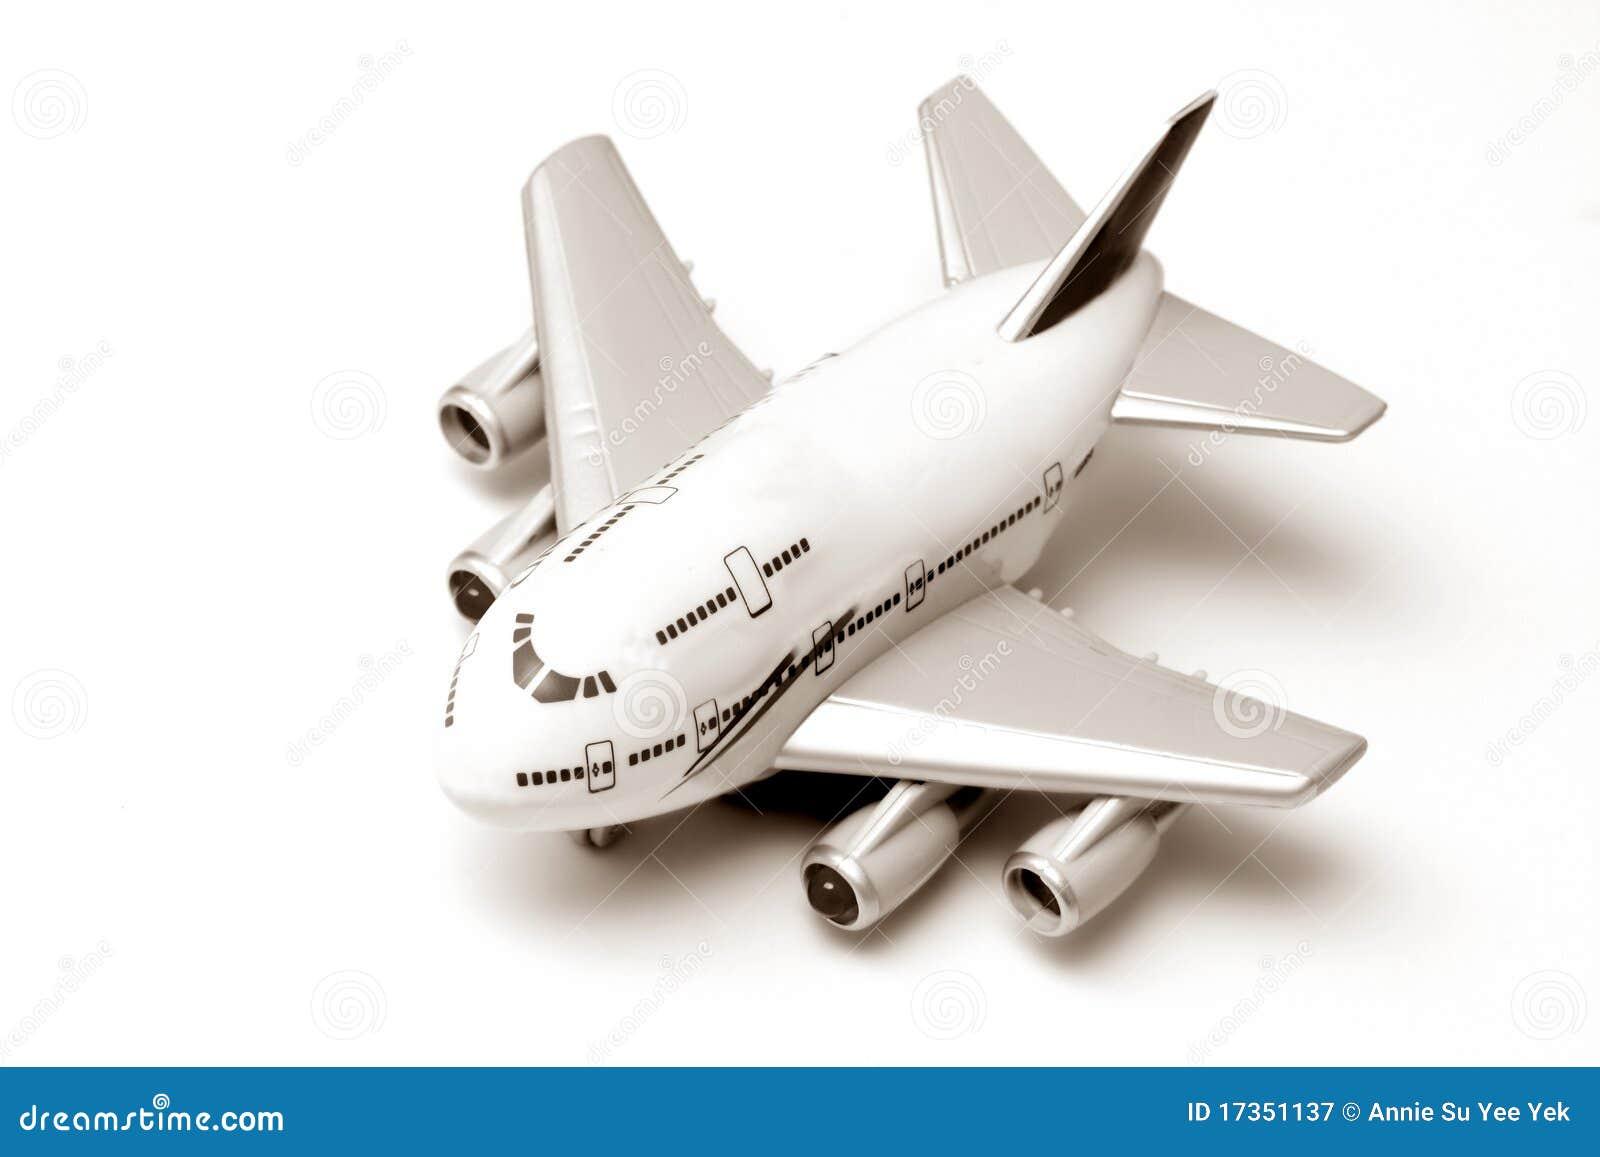 Aeroplano del juguete